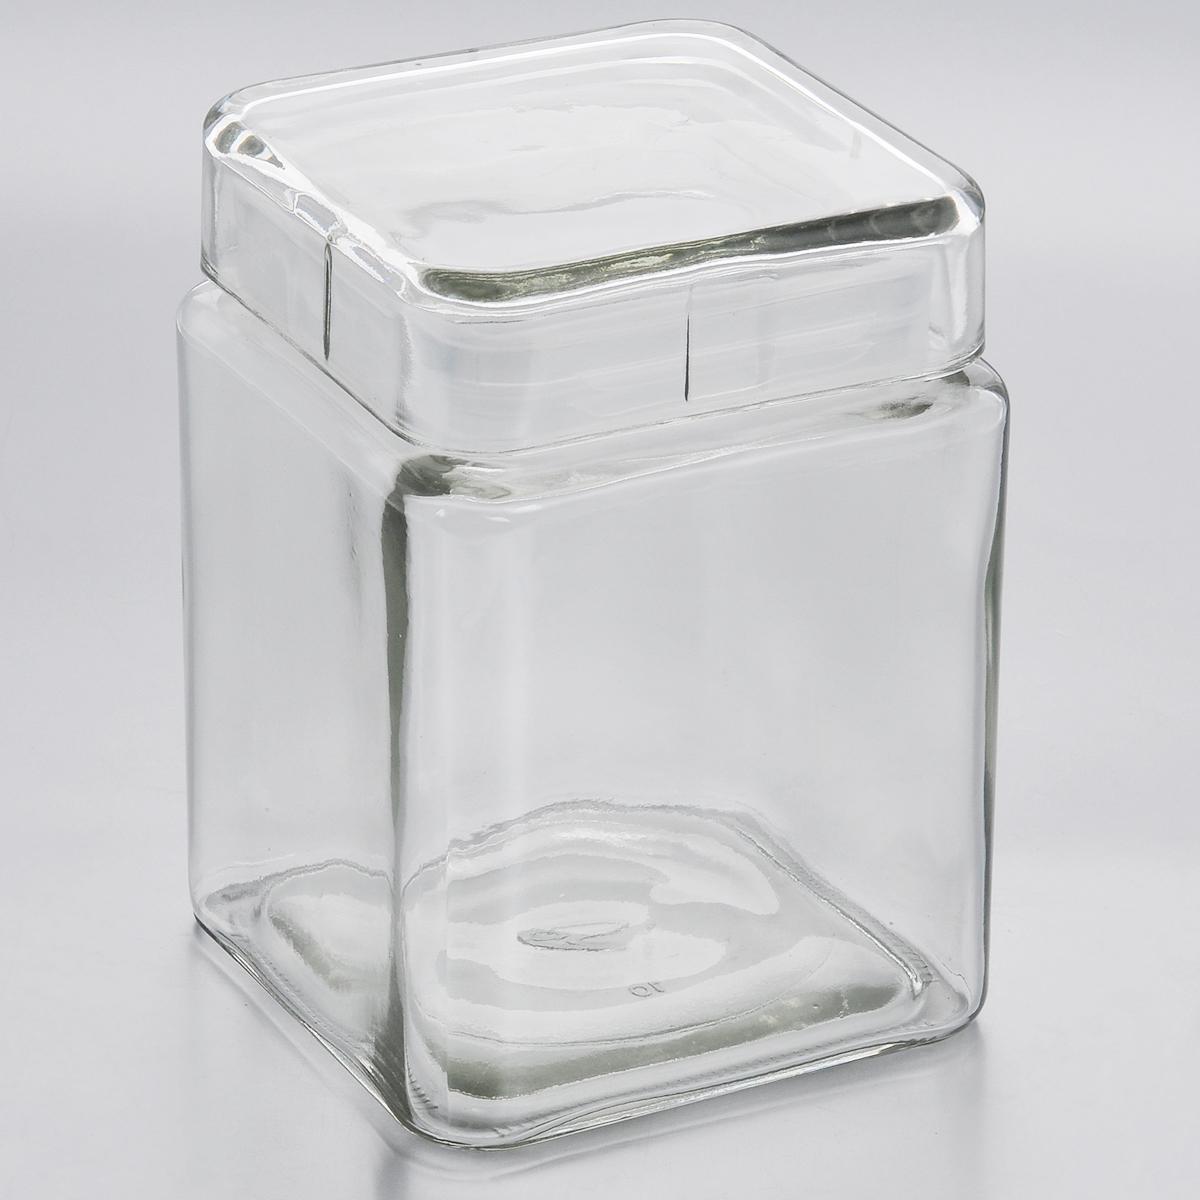 Емкость для хранения Esprado Cristella, 1240 млC041201E405Емкость для хранения Esprado Cristella изготовлена из качественного прозрачного стекла, отполированного до идеального блеска и гладкости. Изделие имеет квадратную форму. Стекло термостойкое, что позволяет использовать емкость Esprado при различных температурах (от -15°С до +100°С). Это делает ее функциональным и универсальным кухонным аксессуаром. Емкость очень вместительна, поэтому прекрасно подходит для хранения круп, макарон, кофе, орехов, специй и других сыпучих продуктов. Крышка плотно закрывается и легко открывается благодаря силиконовой прослойке. Это обеспечивает герметичность и дольше сохраняет продукты свежими.Благодаря различным дизайнерским решениям такая емкость дополнит и украсит интерьер любой кухни. Емкости для хранения из коллекции Cristella разработаны на основе эргономичных дизайнерских решений, которые позволяют максимально эффективно и рационально использовать кухонные поверхности. Благодаря универсальному внешнему виду, они будут привлекательно смотреться в интерьере любой кухни. Емкости для хранения незаменимы на кухне: они помогают сохранить свежесть продуктов, защищают от попадания излишней влаги и позволяют эффективно использовать ограниченное кухонное пространство. Не использовать в духовом шкафу, микроволновой печи и посудомоечной машине.